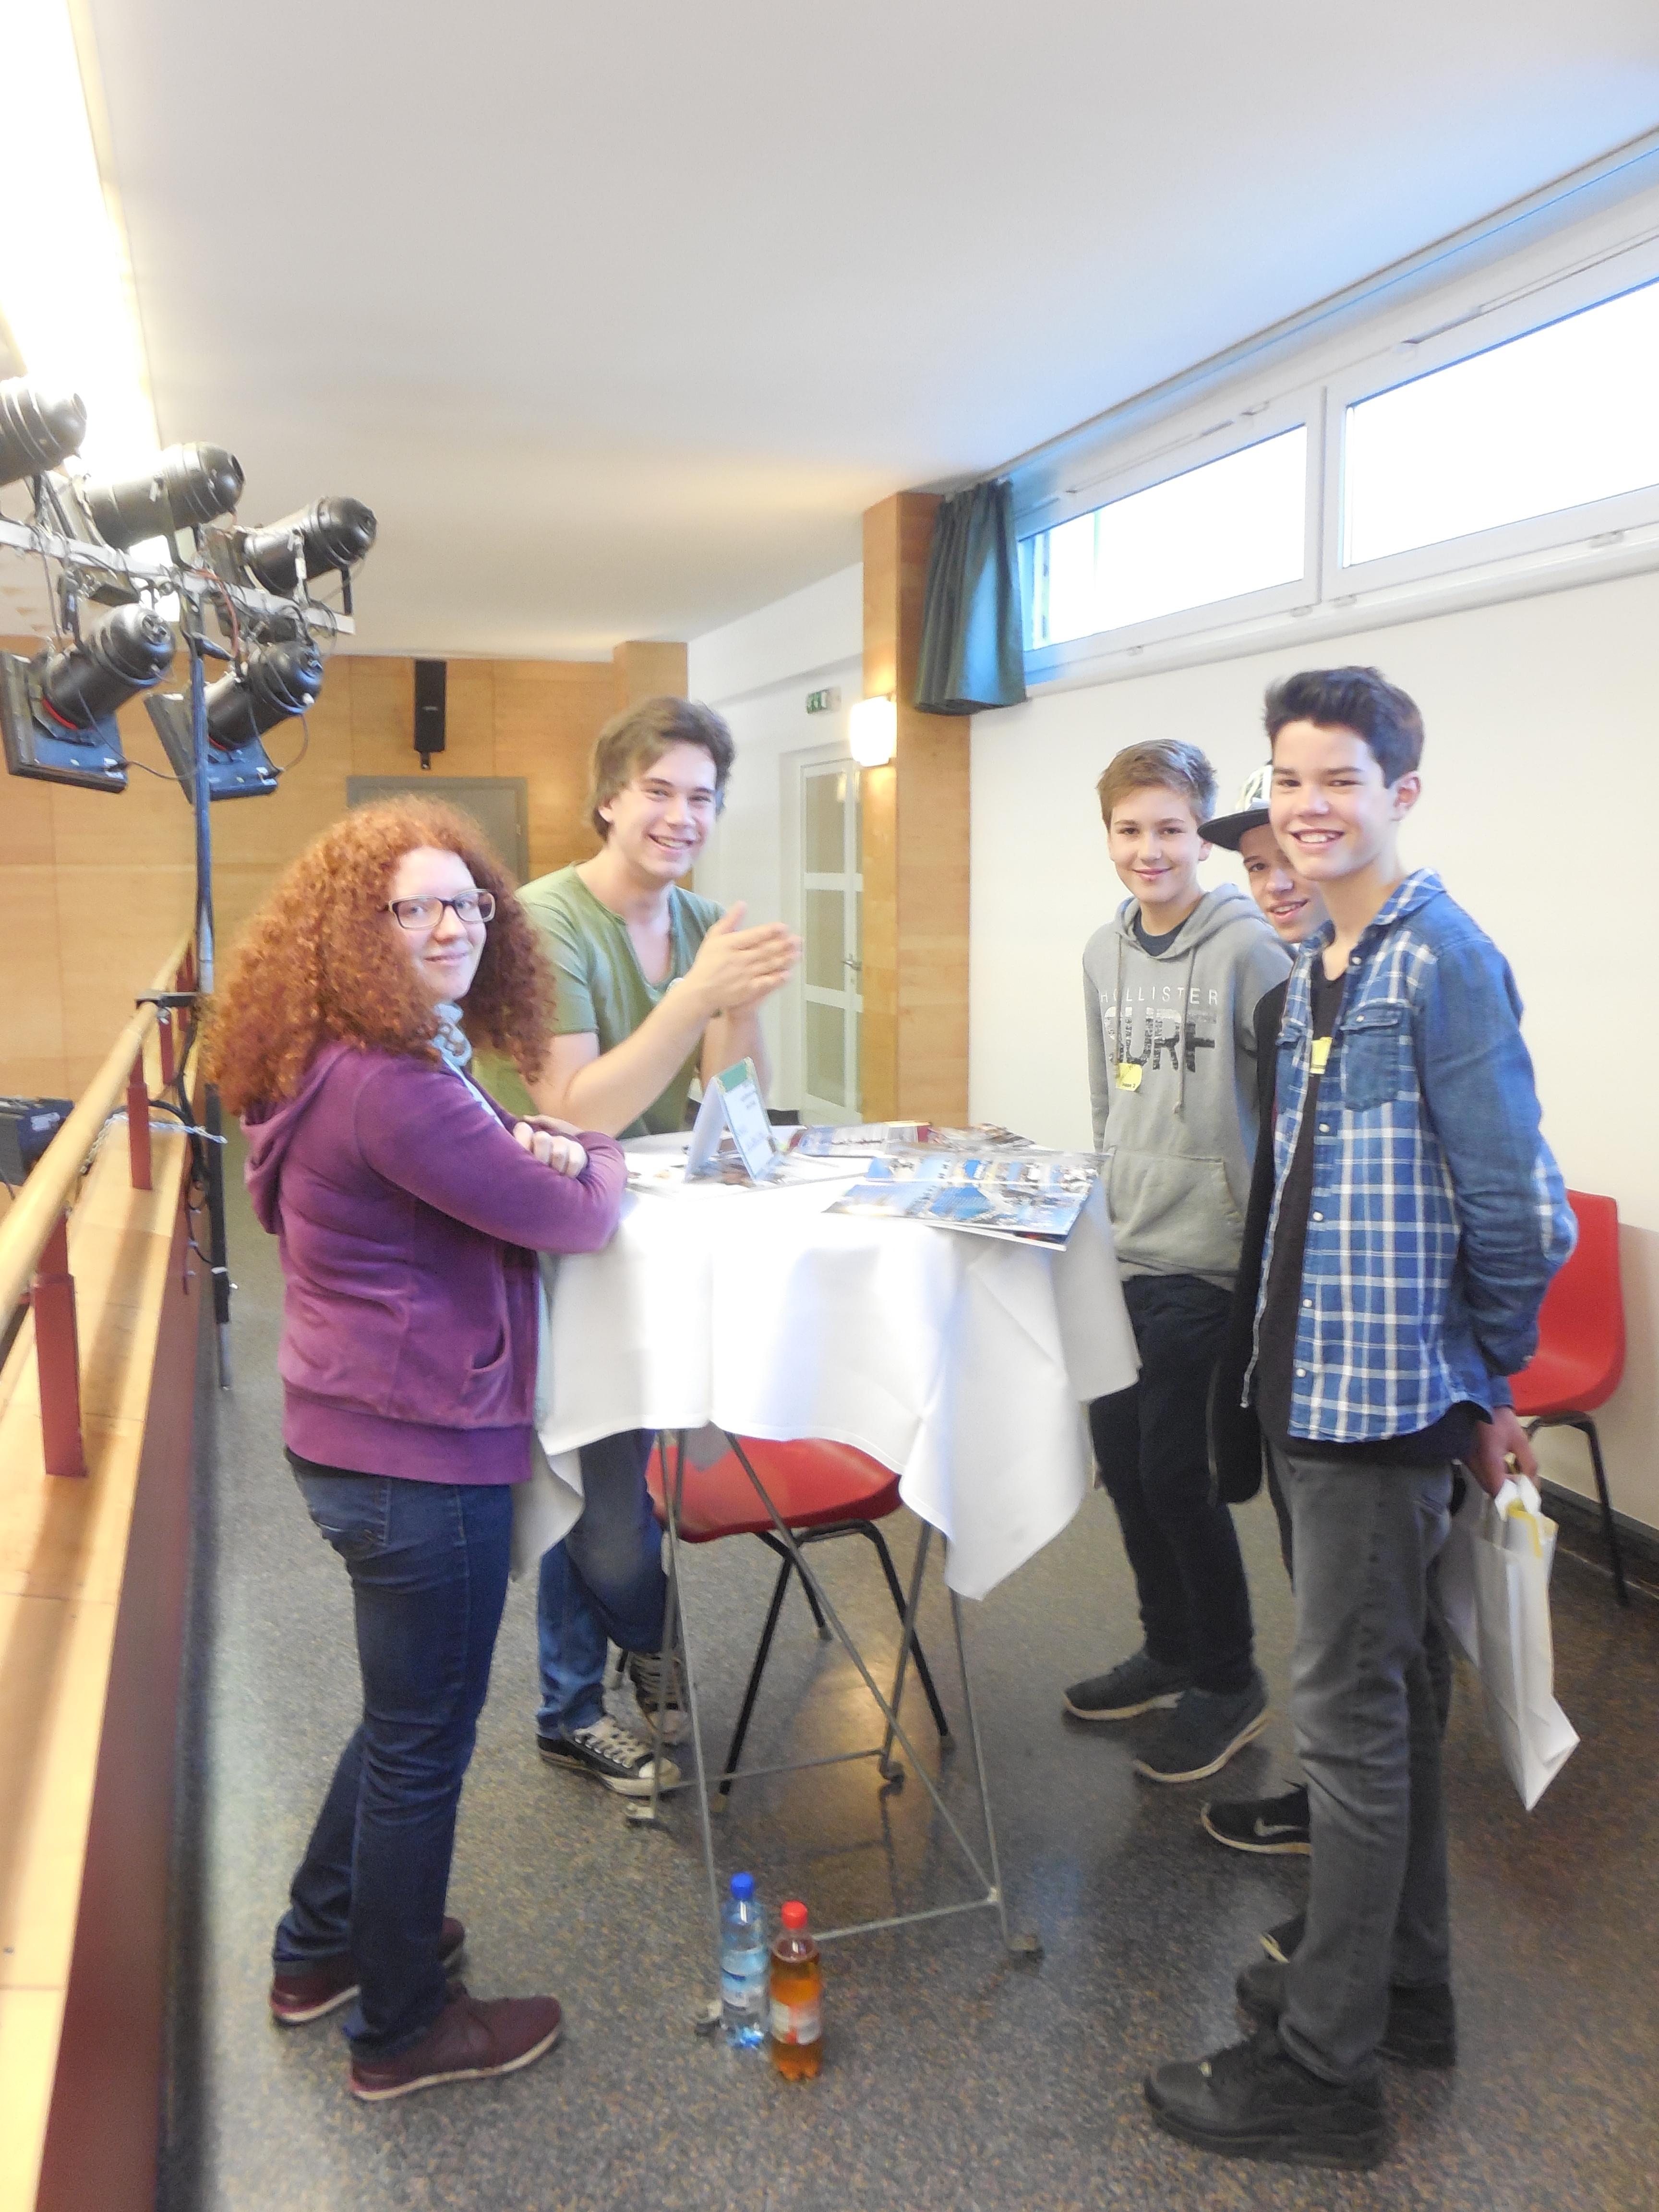 Mittelschule St. Veit - speeddating - NMS St. Veit/Glan